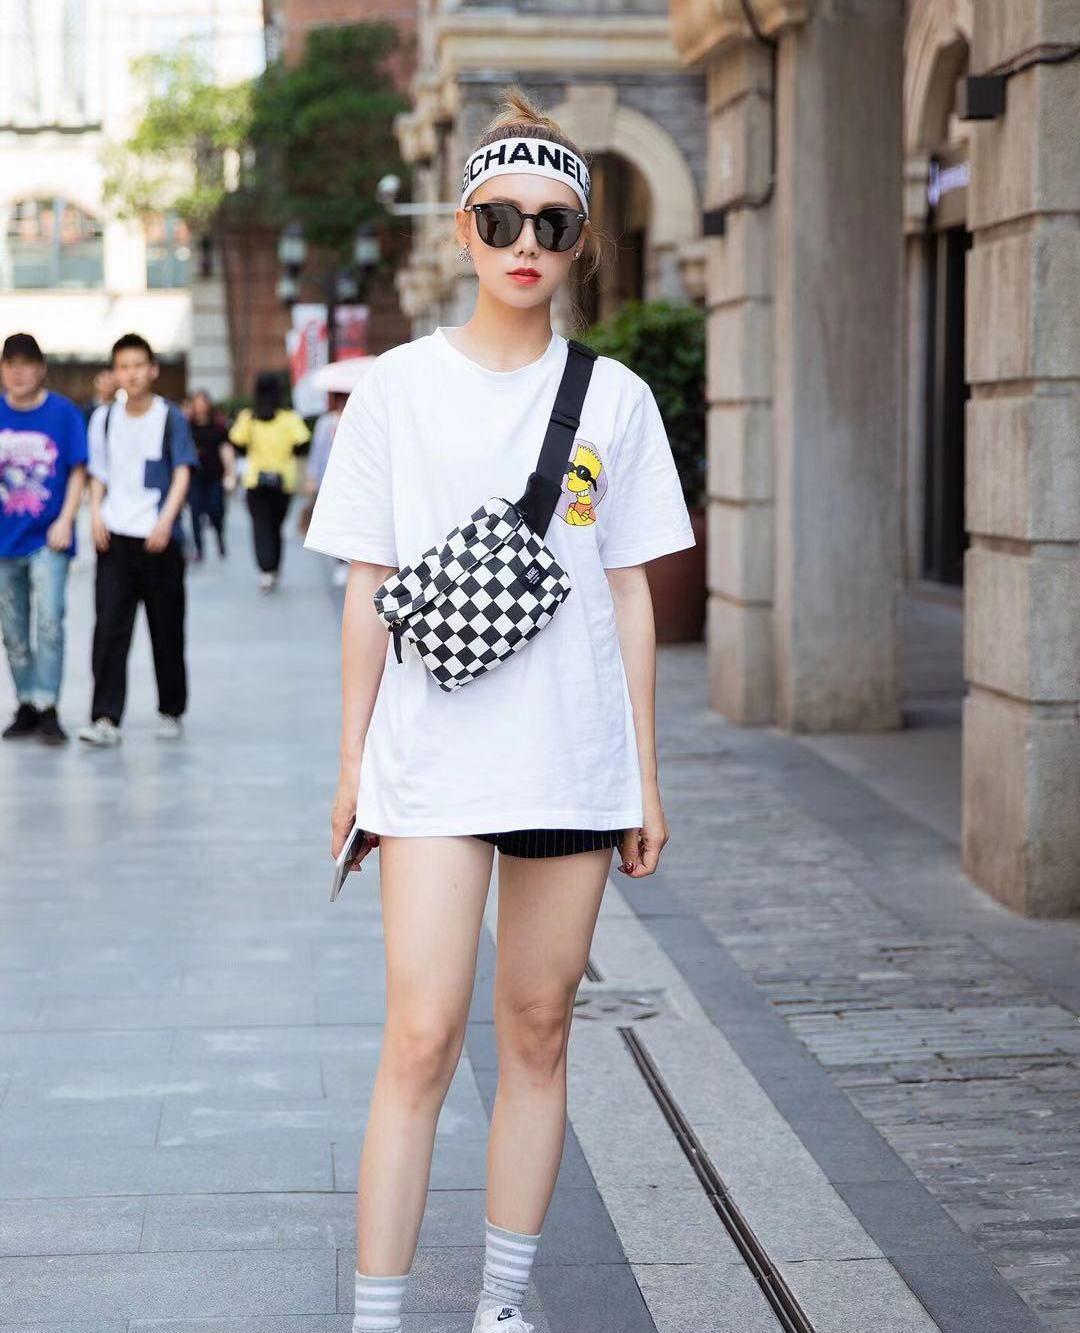 街拍,小姐姐白色宽松短袖搭配黑色短裤,字母发带街头风十足